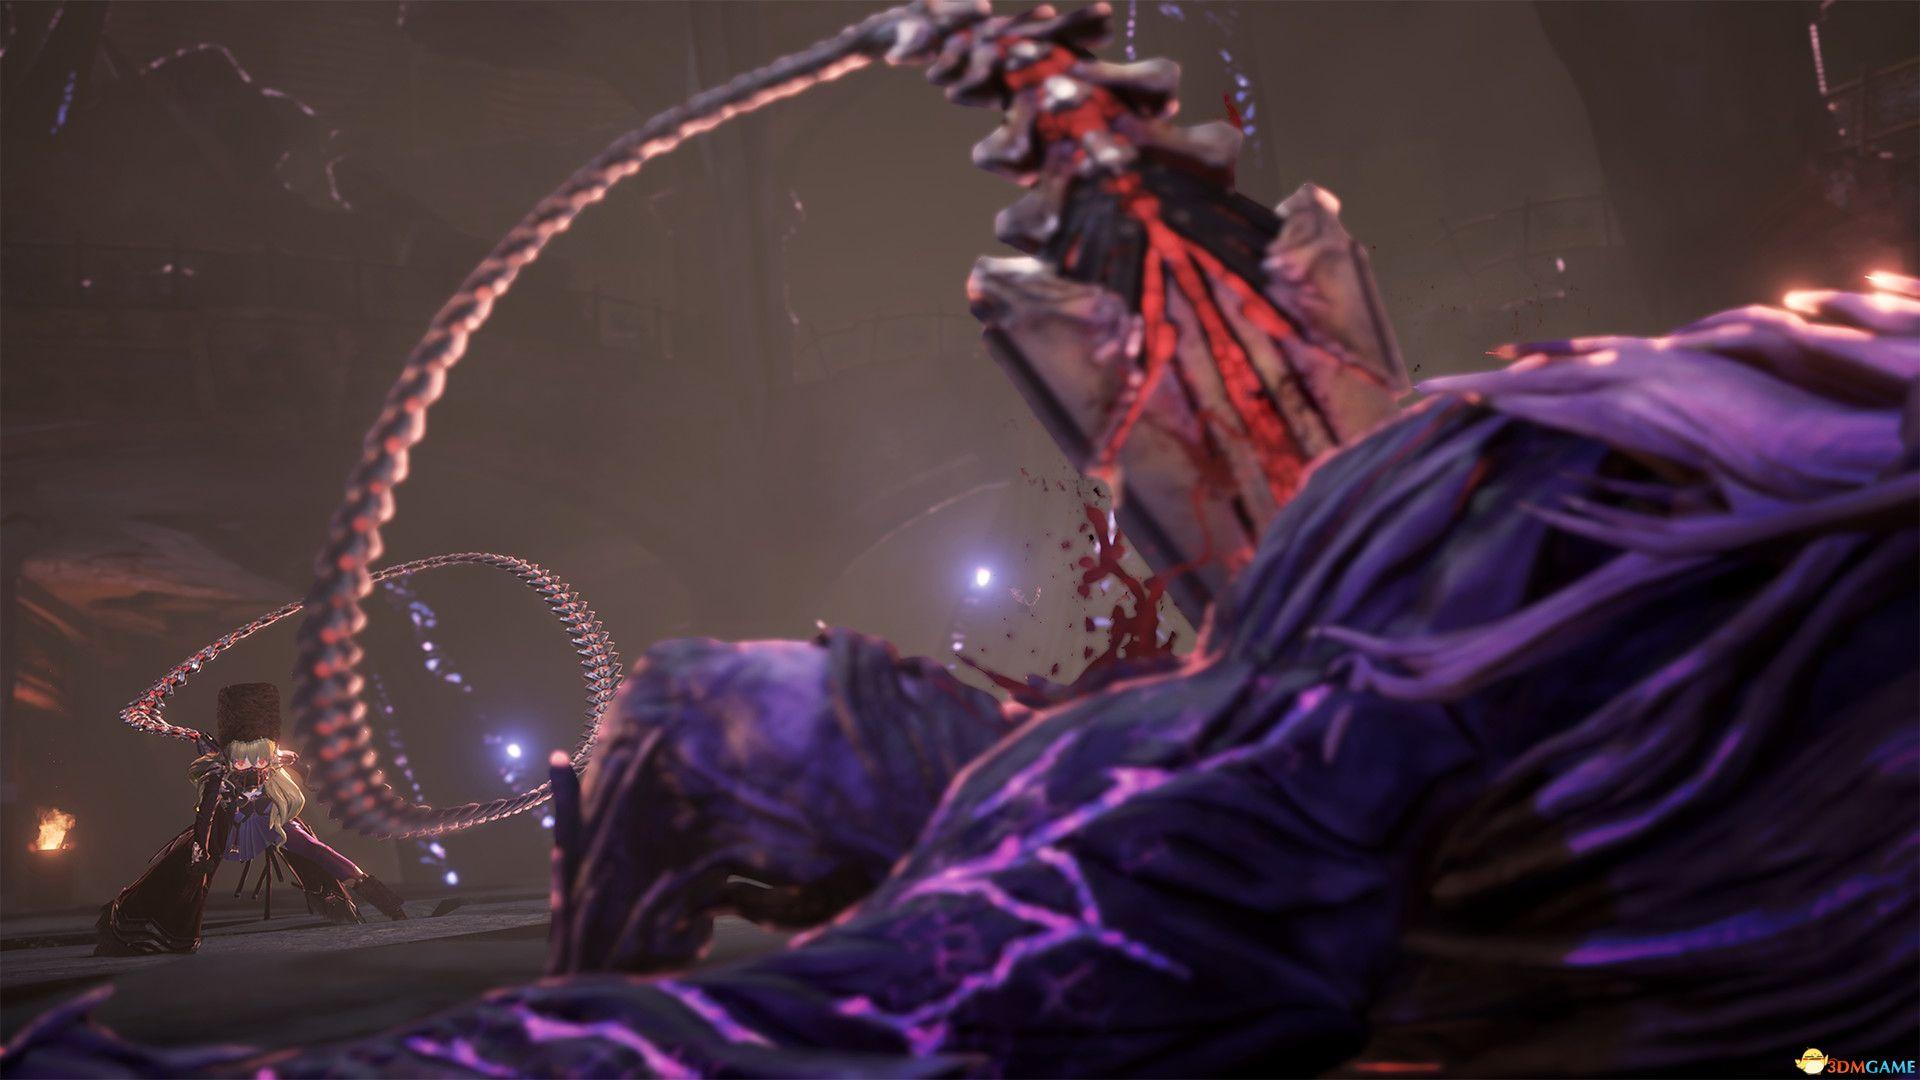 《噬血代码》全Boss打法视频攻略 单人无伤boss战视频攻略